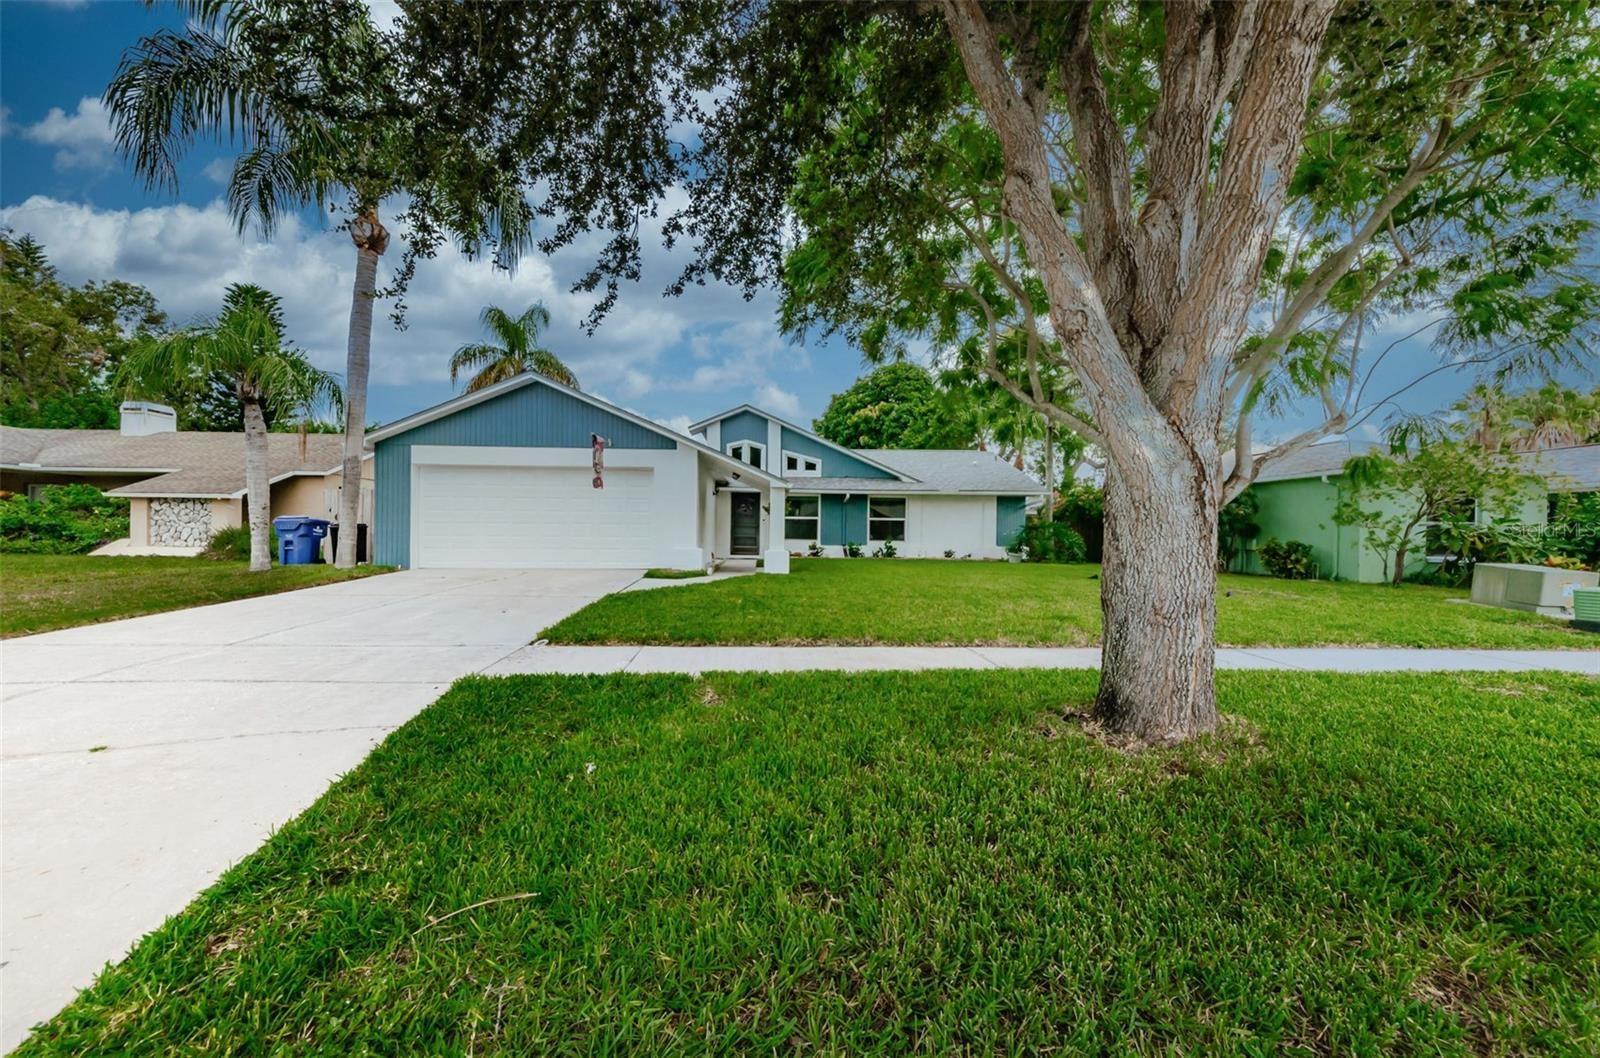 2533 BLOSSOM LAKE DRIVE, Holiday, FL 34691 - MLS#: U8134818